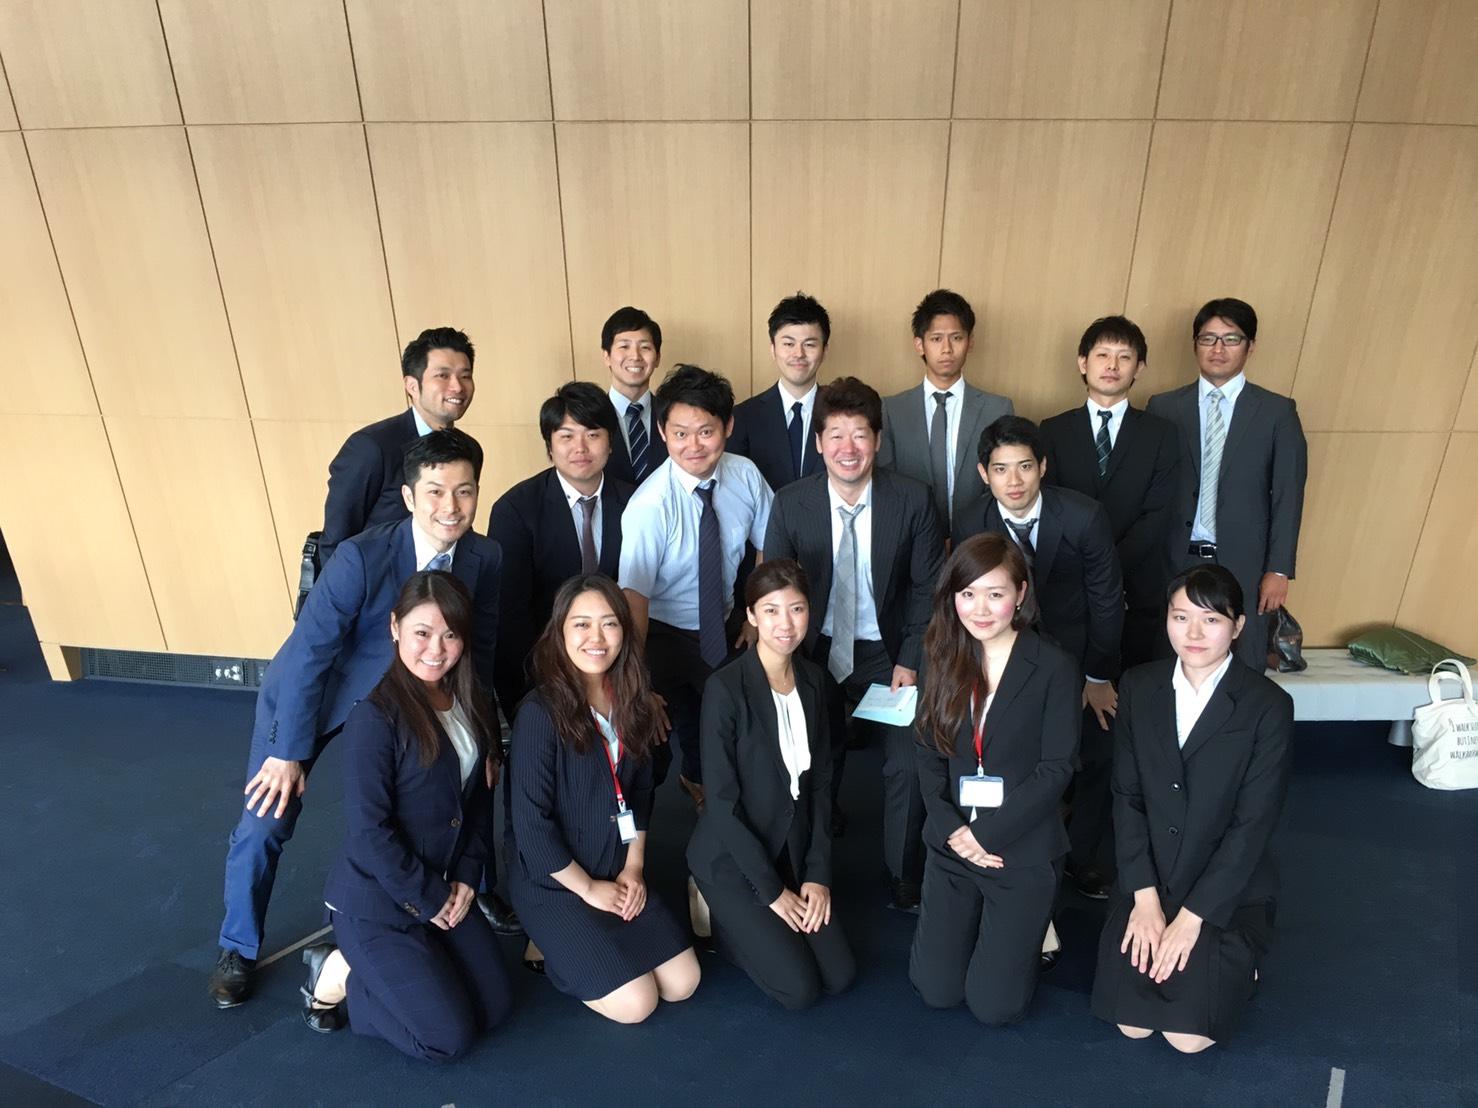 歯科の勉強会(大阪SJCD)に参加しました